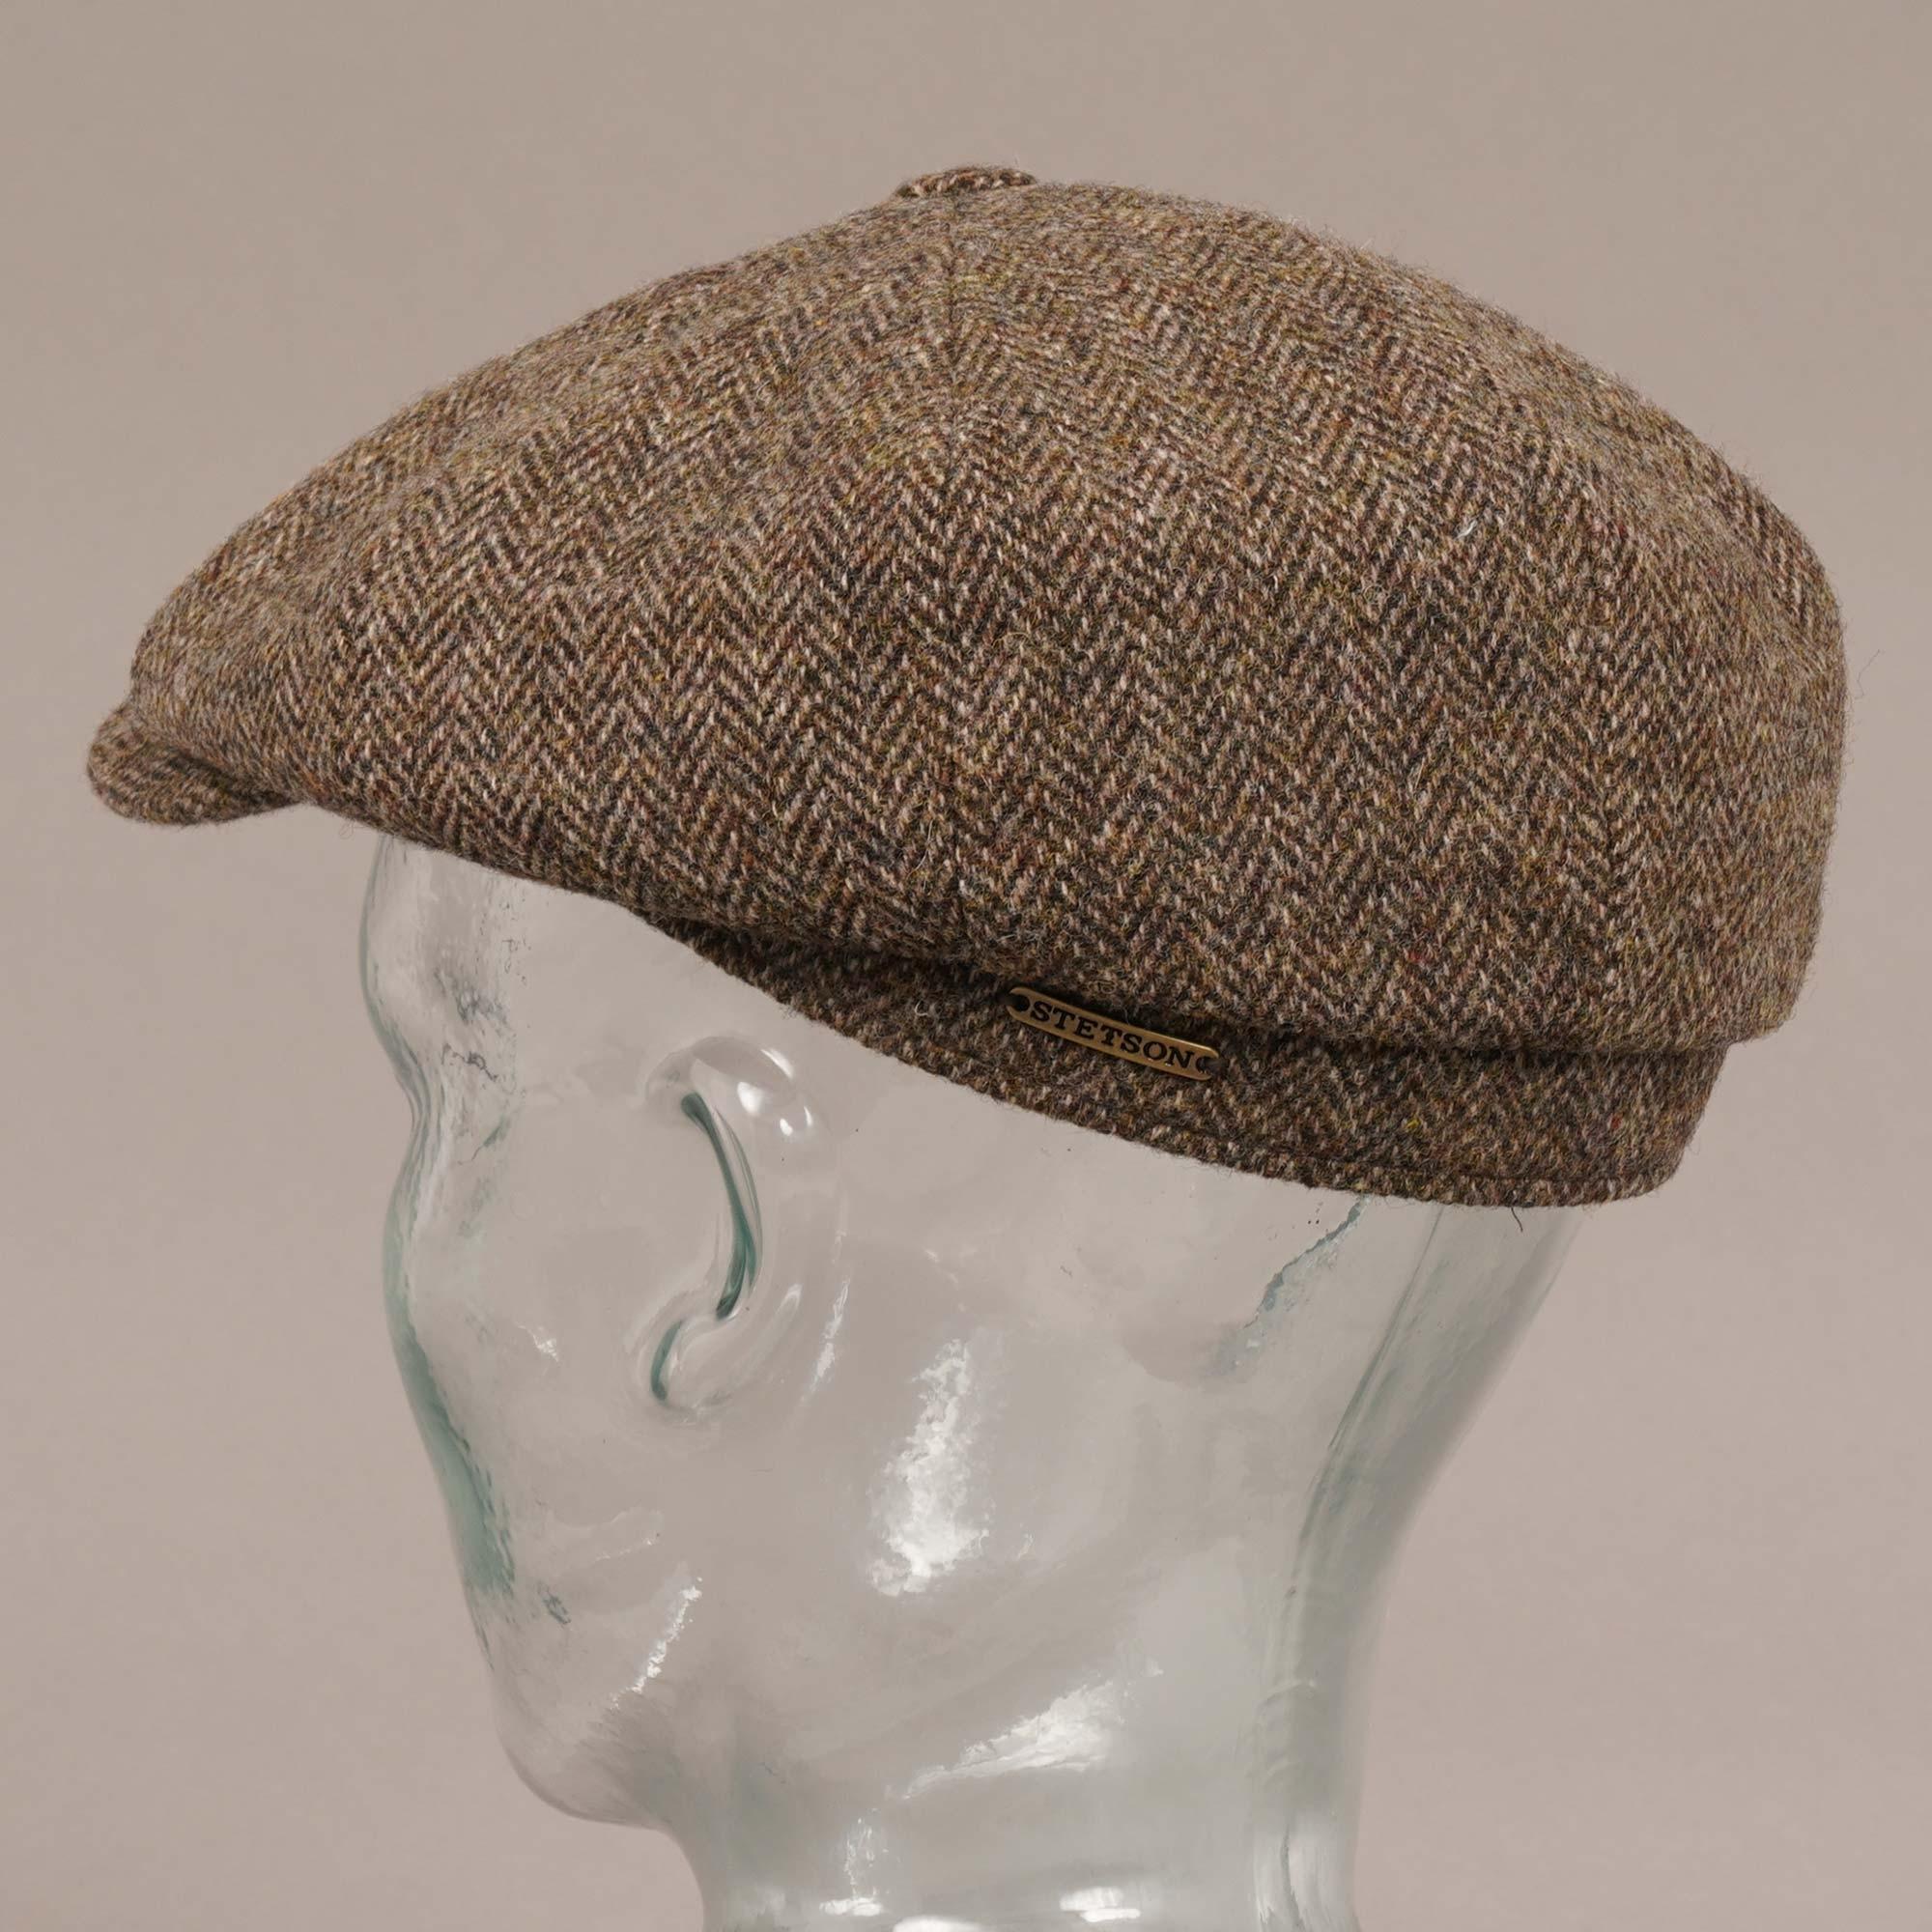 bd48e4d6 Stetson Hatteras Woolrich Herringbone Brown Newsboy Hat 6840514 365